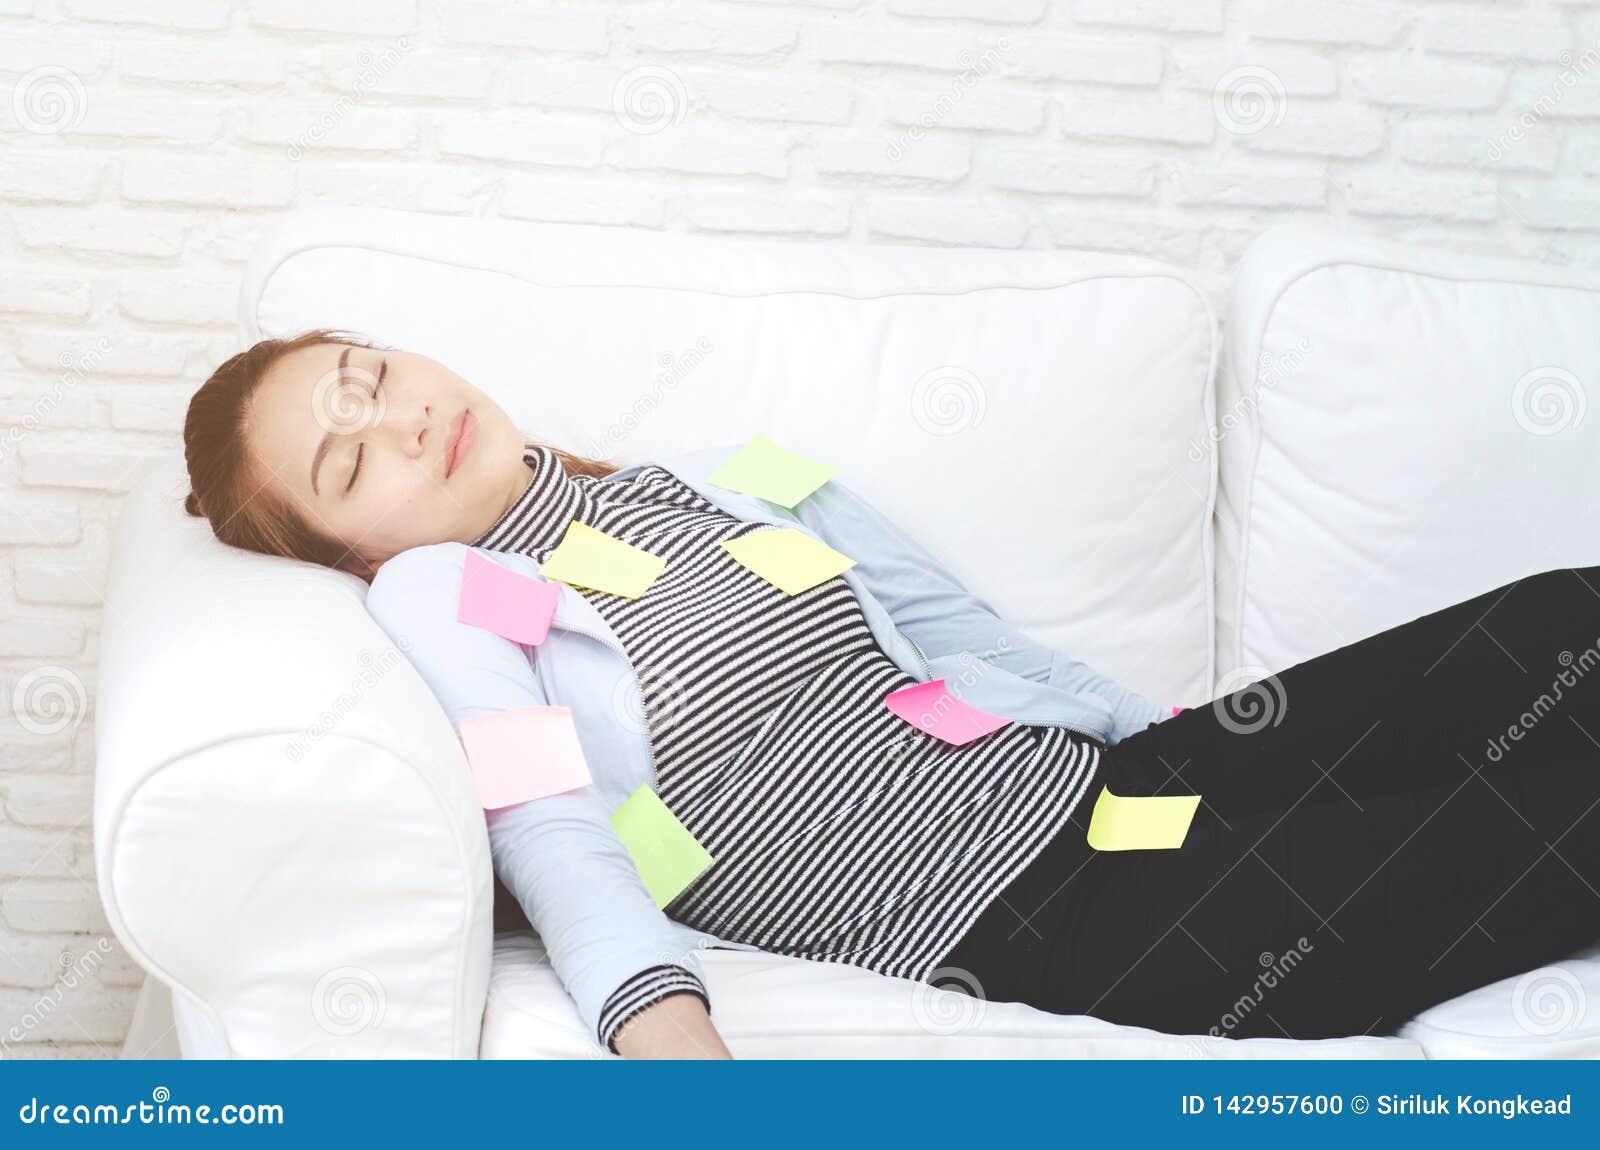 Желтые, зеленые и розовые бумажные листы на женщине которая спит и вымотанный от работы